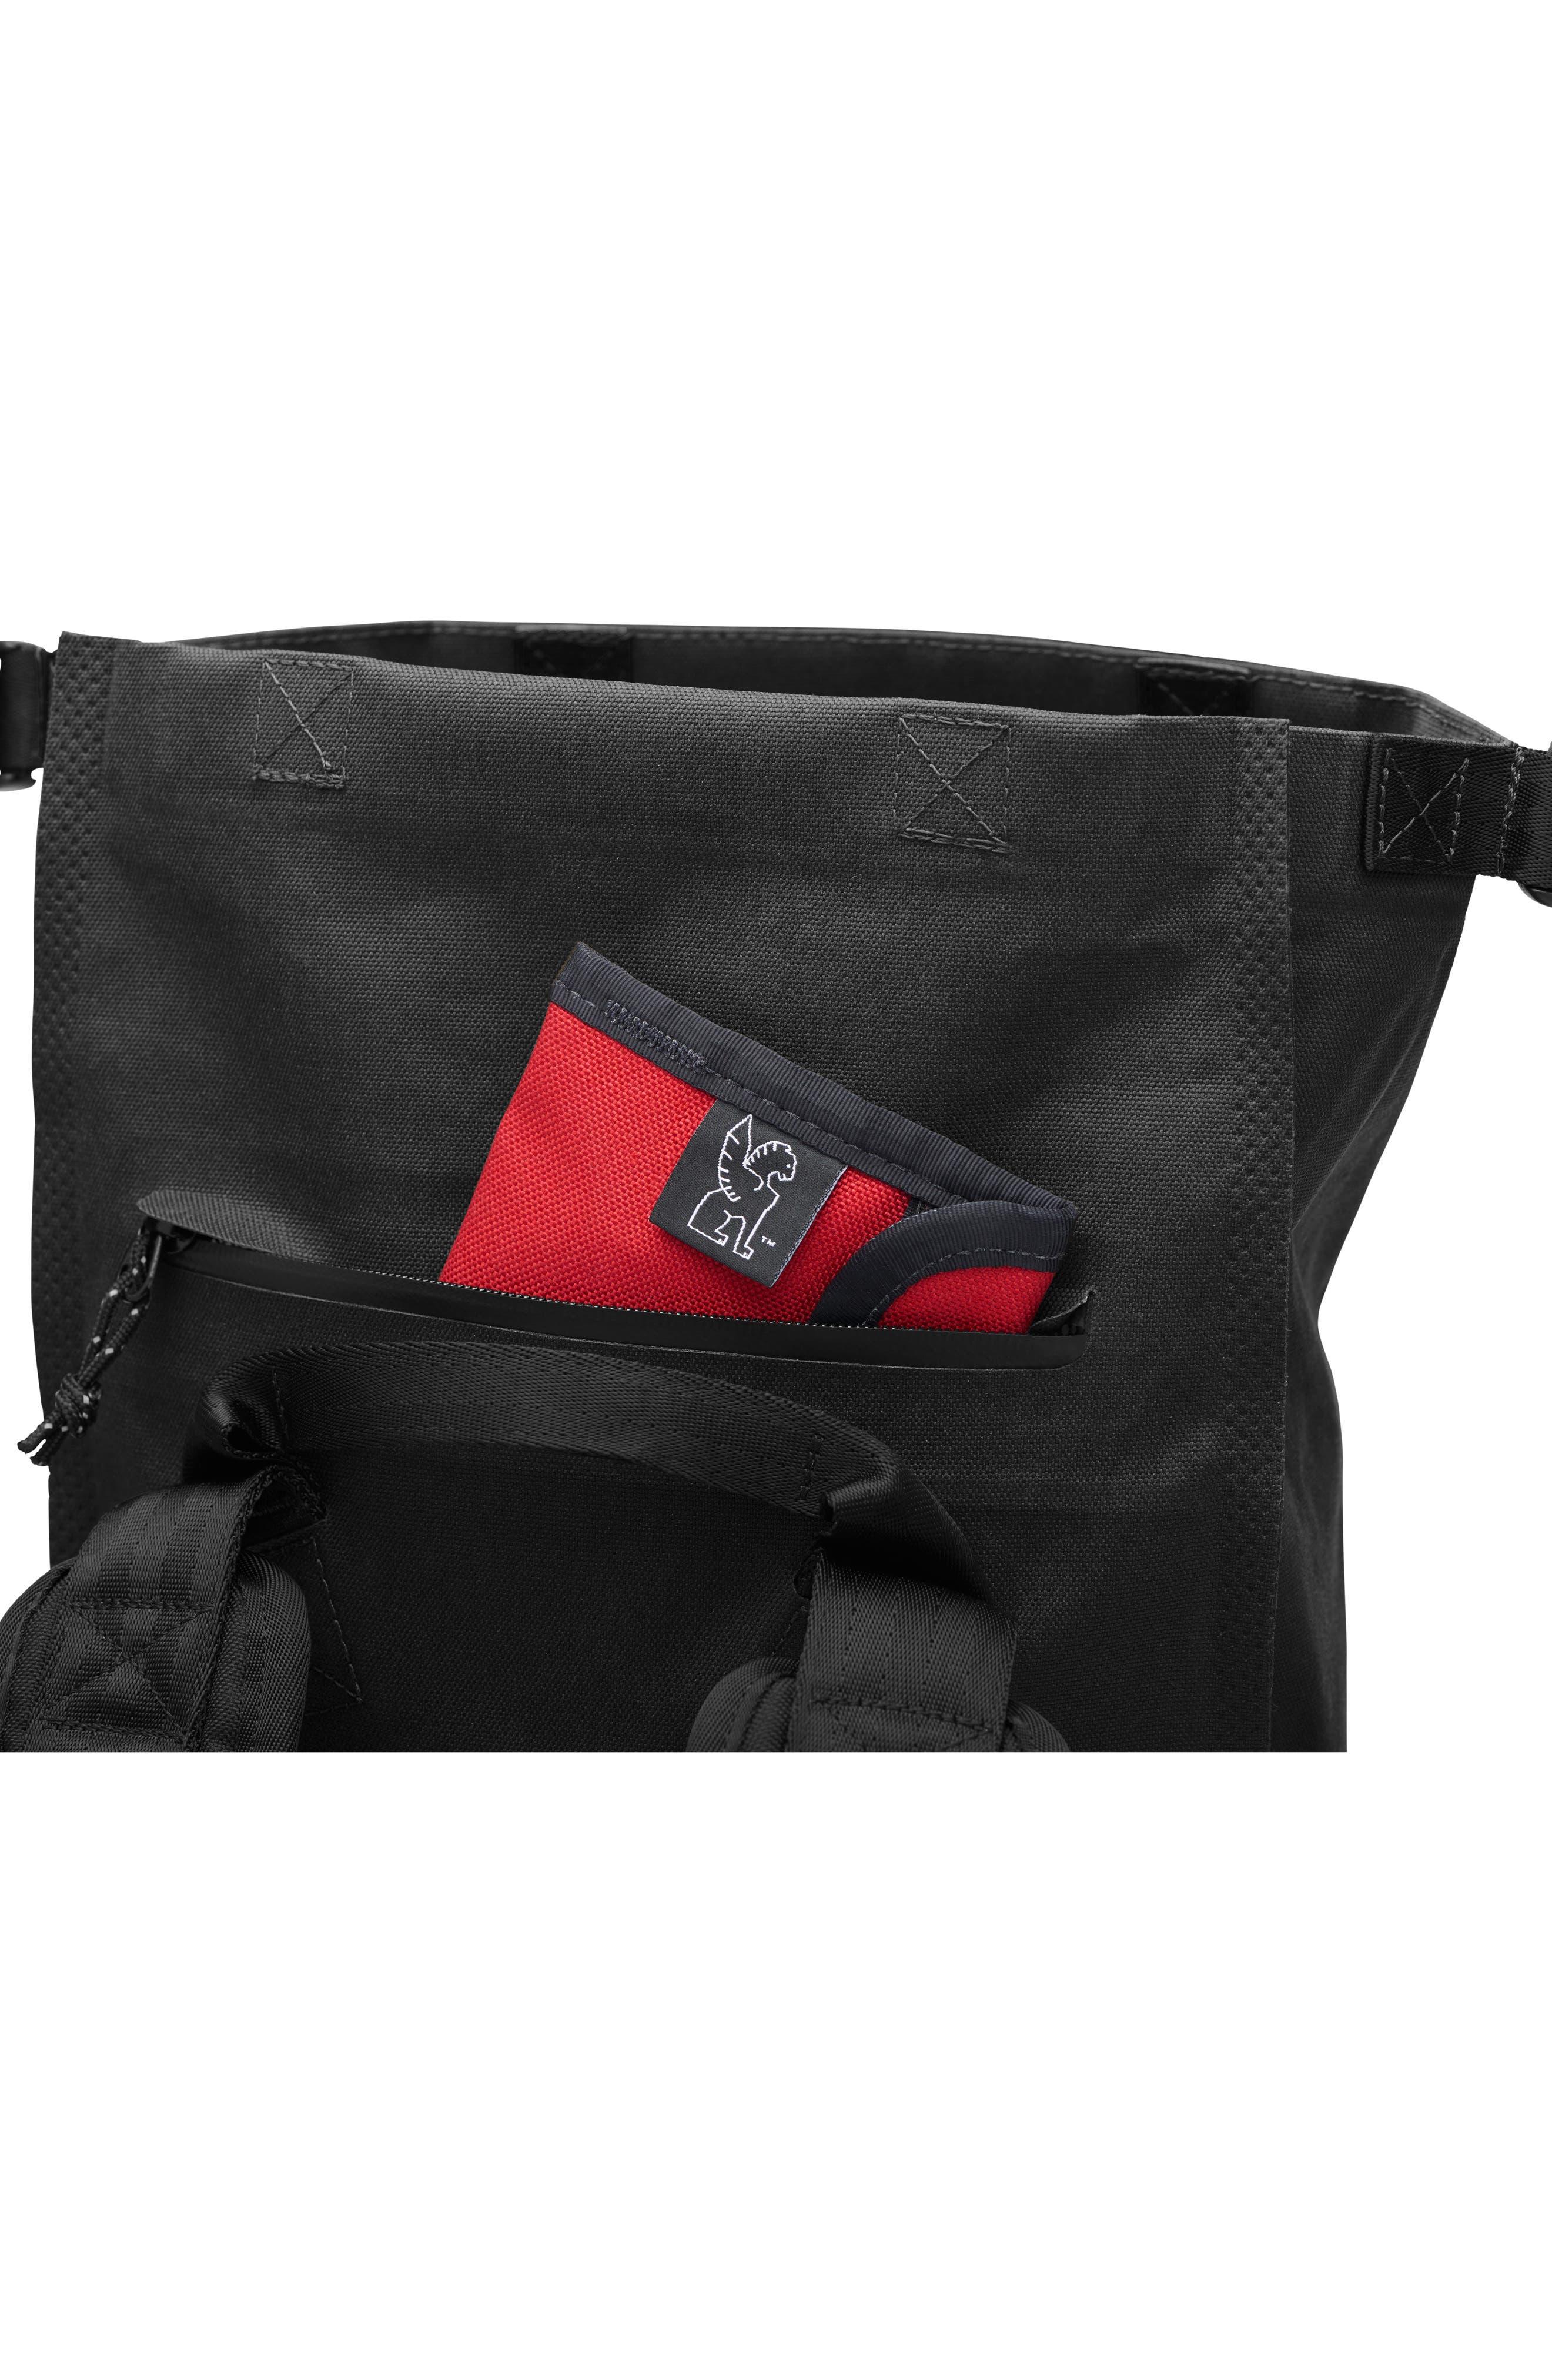 Urban Ex Rolltop Waterproof Backpack,                             Alternate thumbnail 5, color,                             Black/ Black